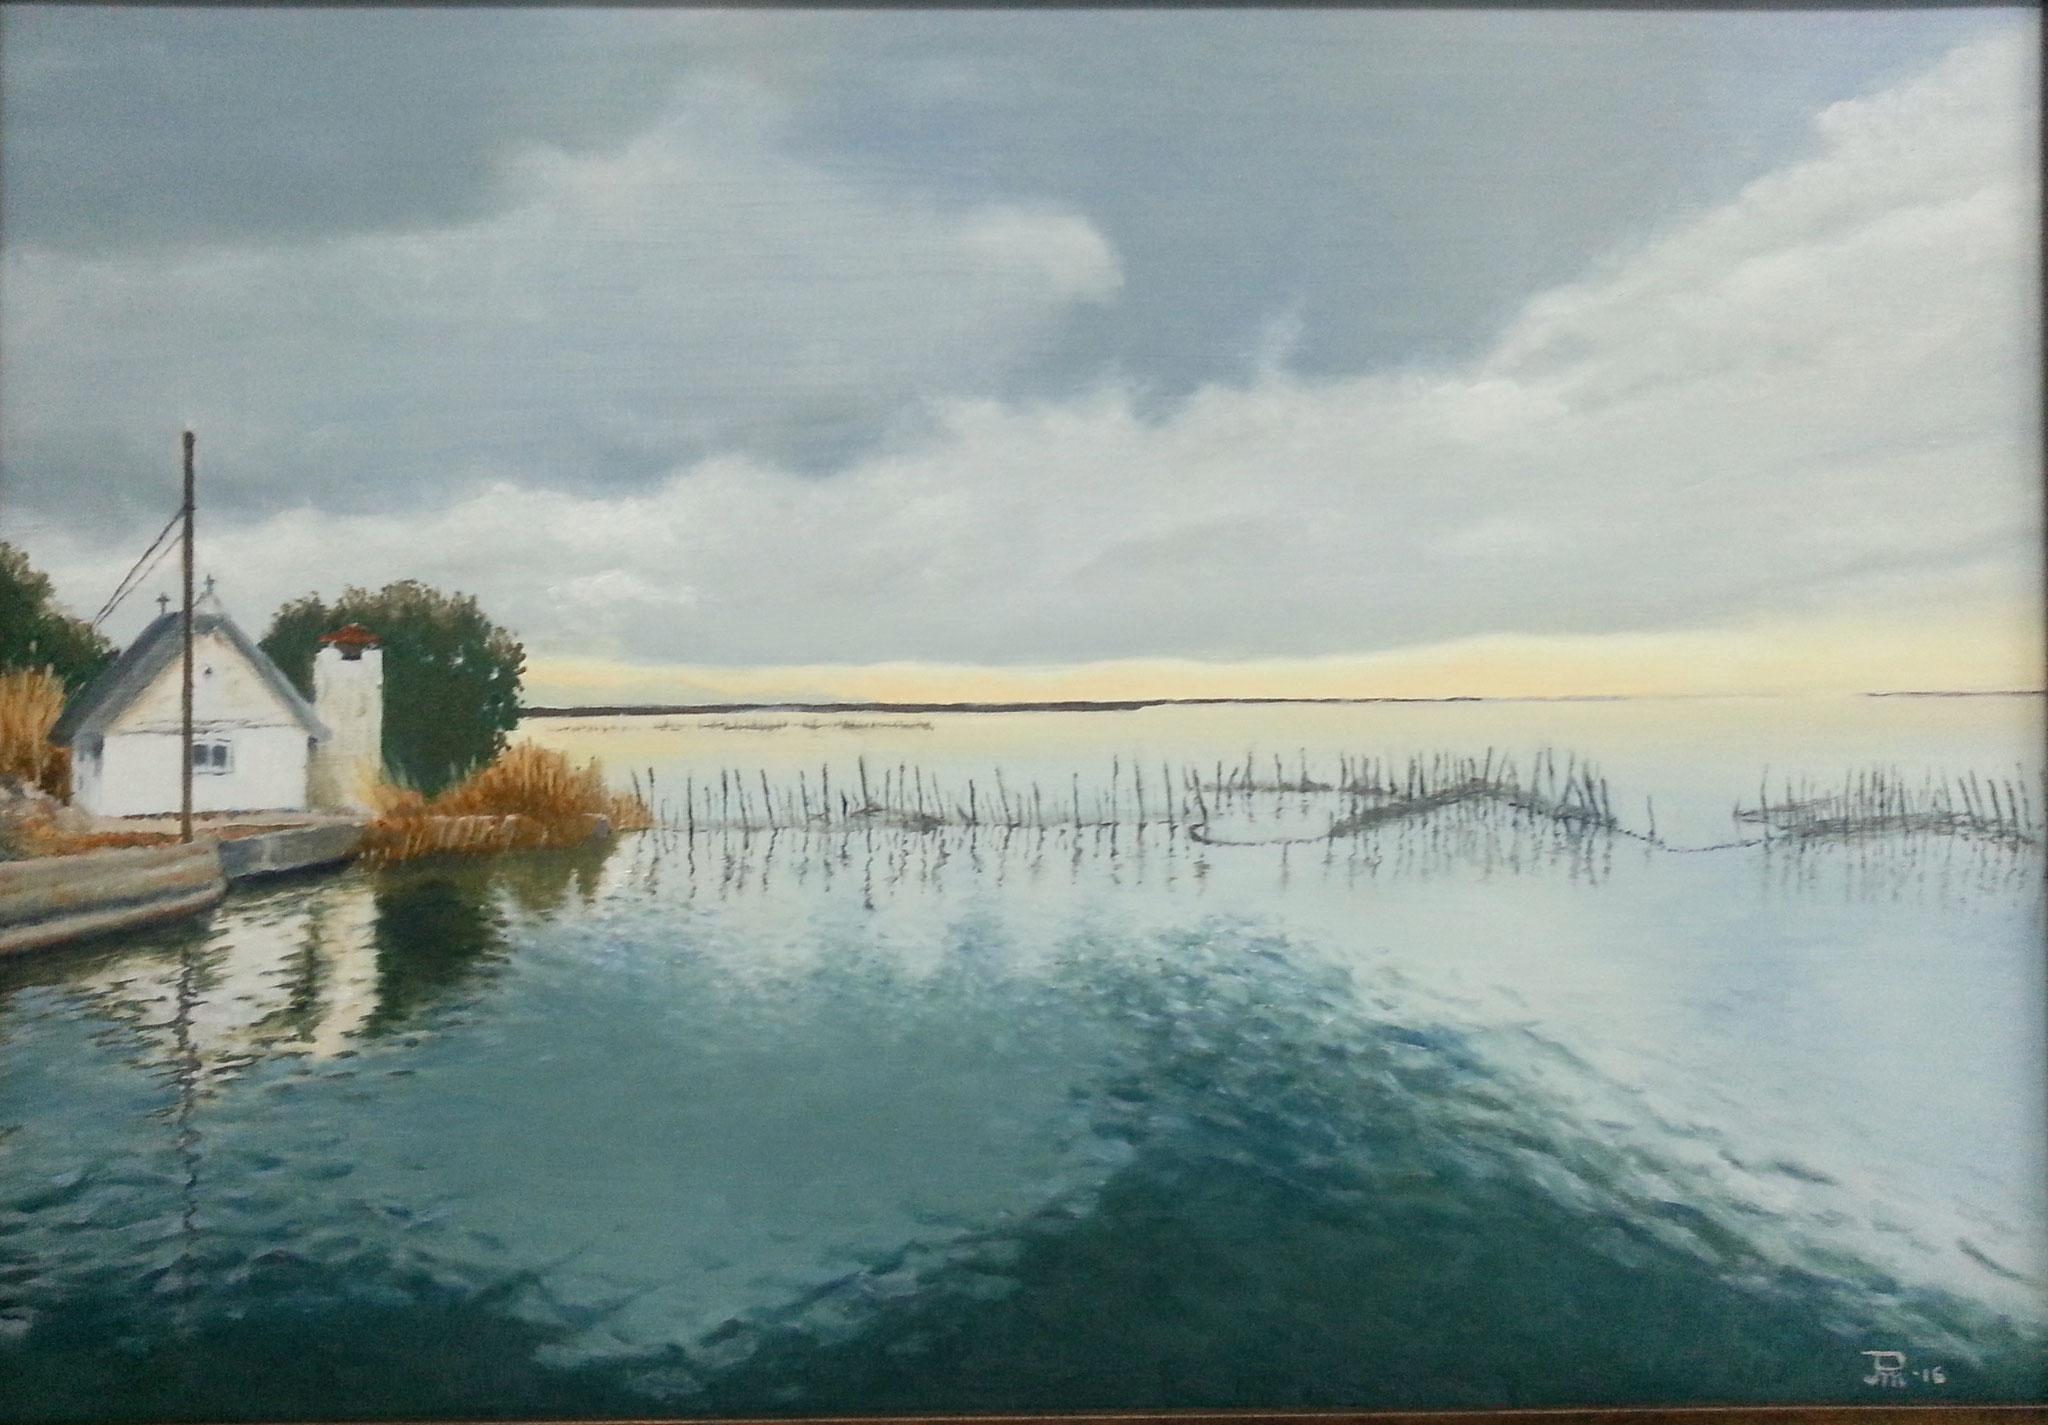 Barraca en el lago nublado